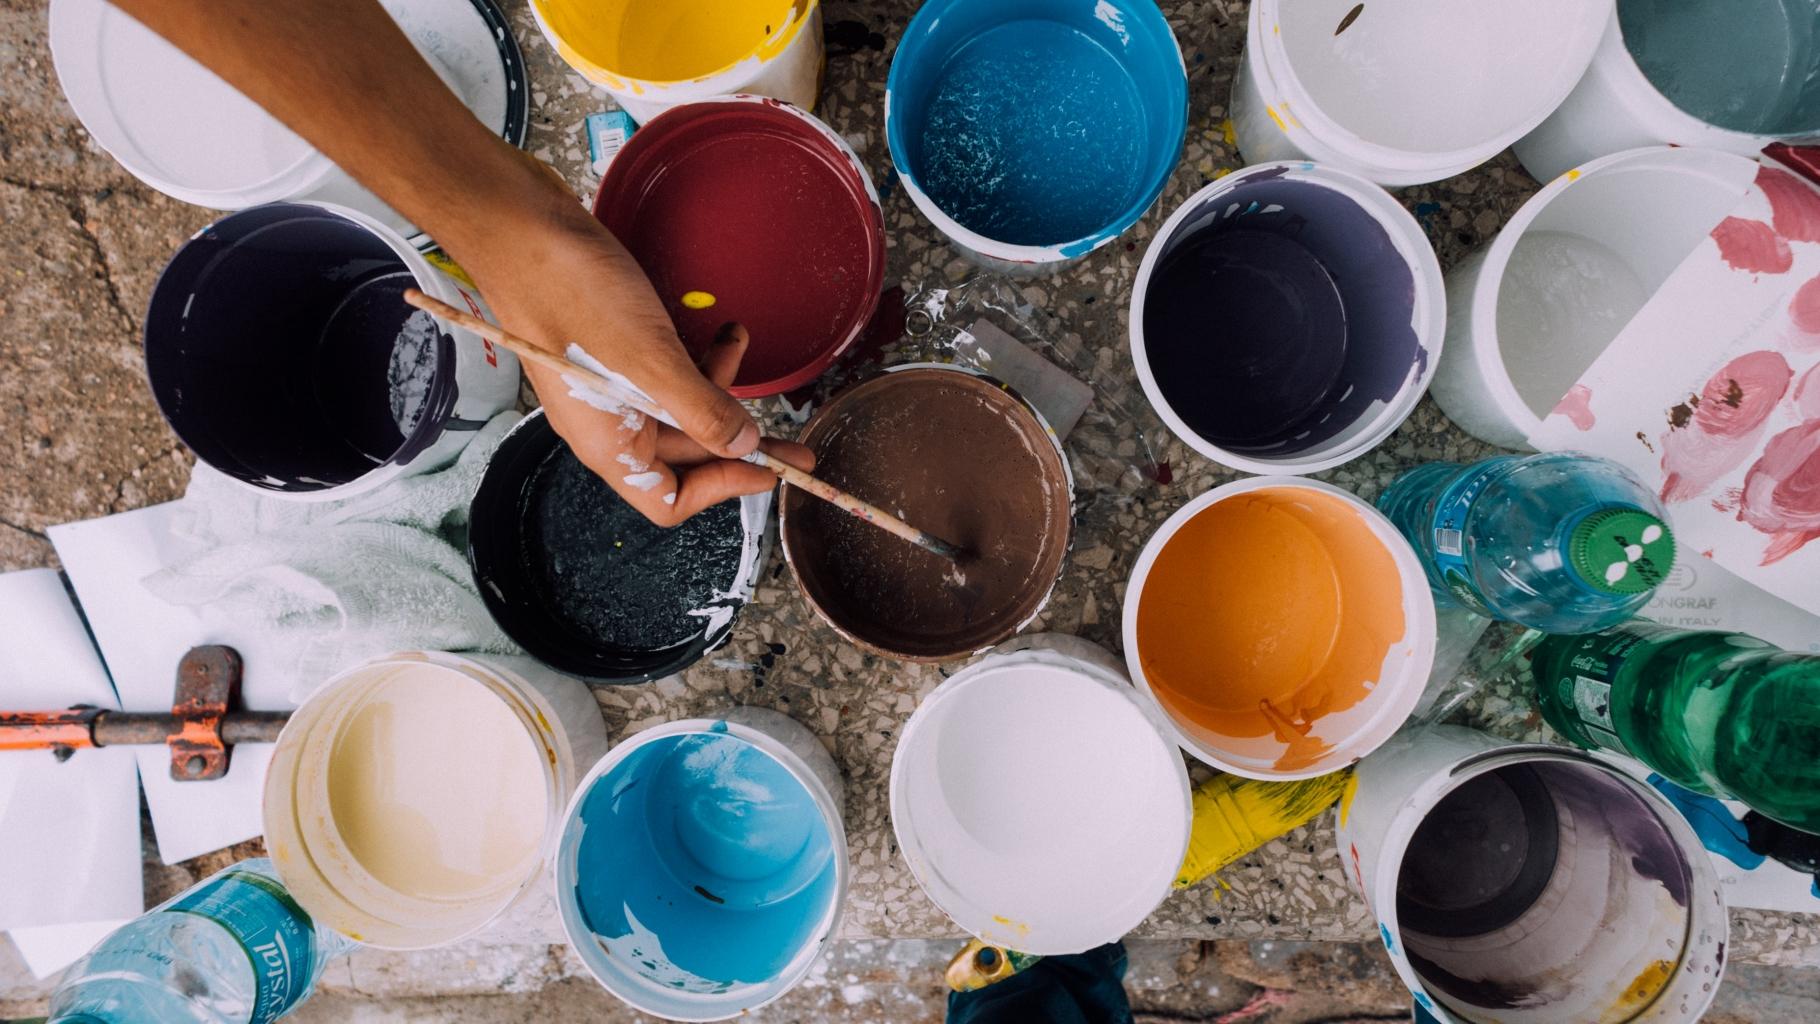 Az agyad válasza a festésre: ommmmmmmmm!